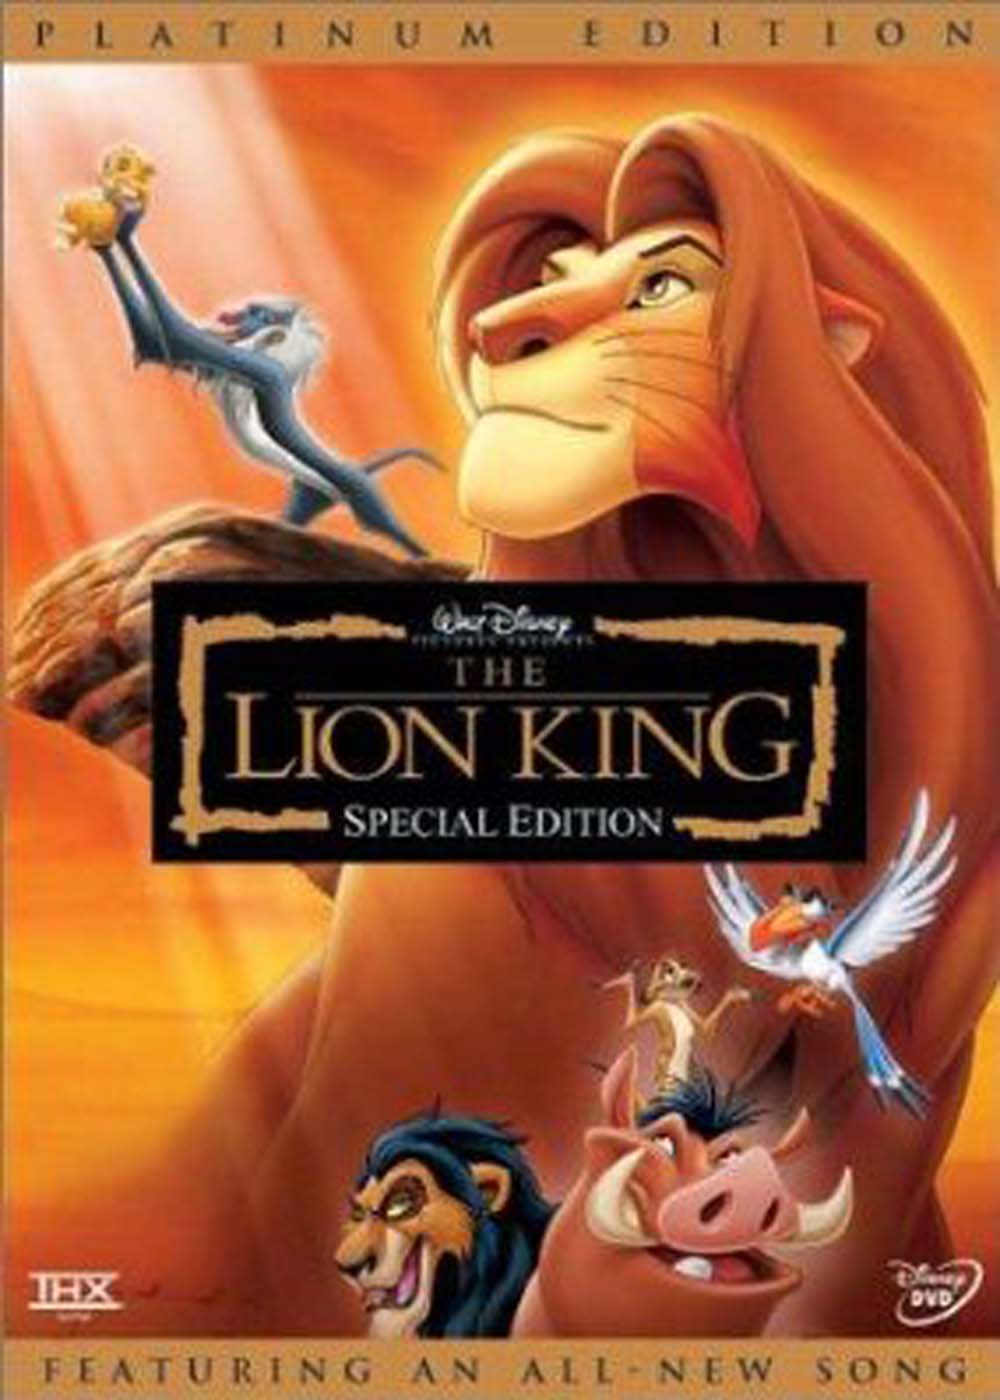 Moviebug 360: The lion king (1994)